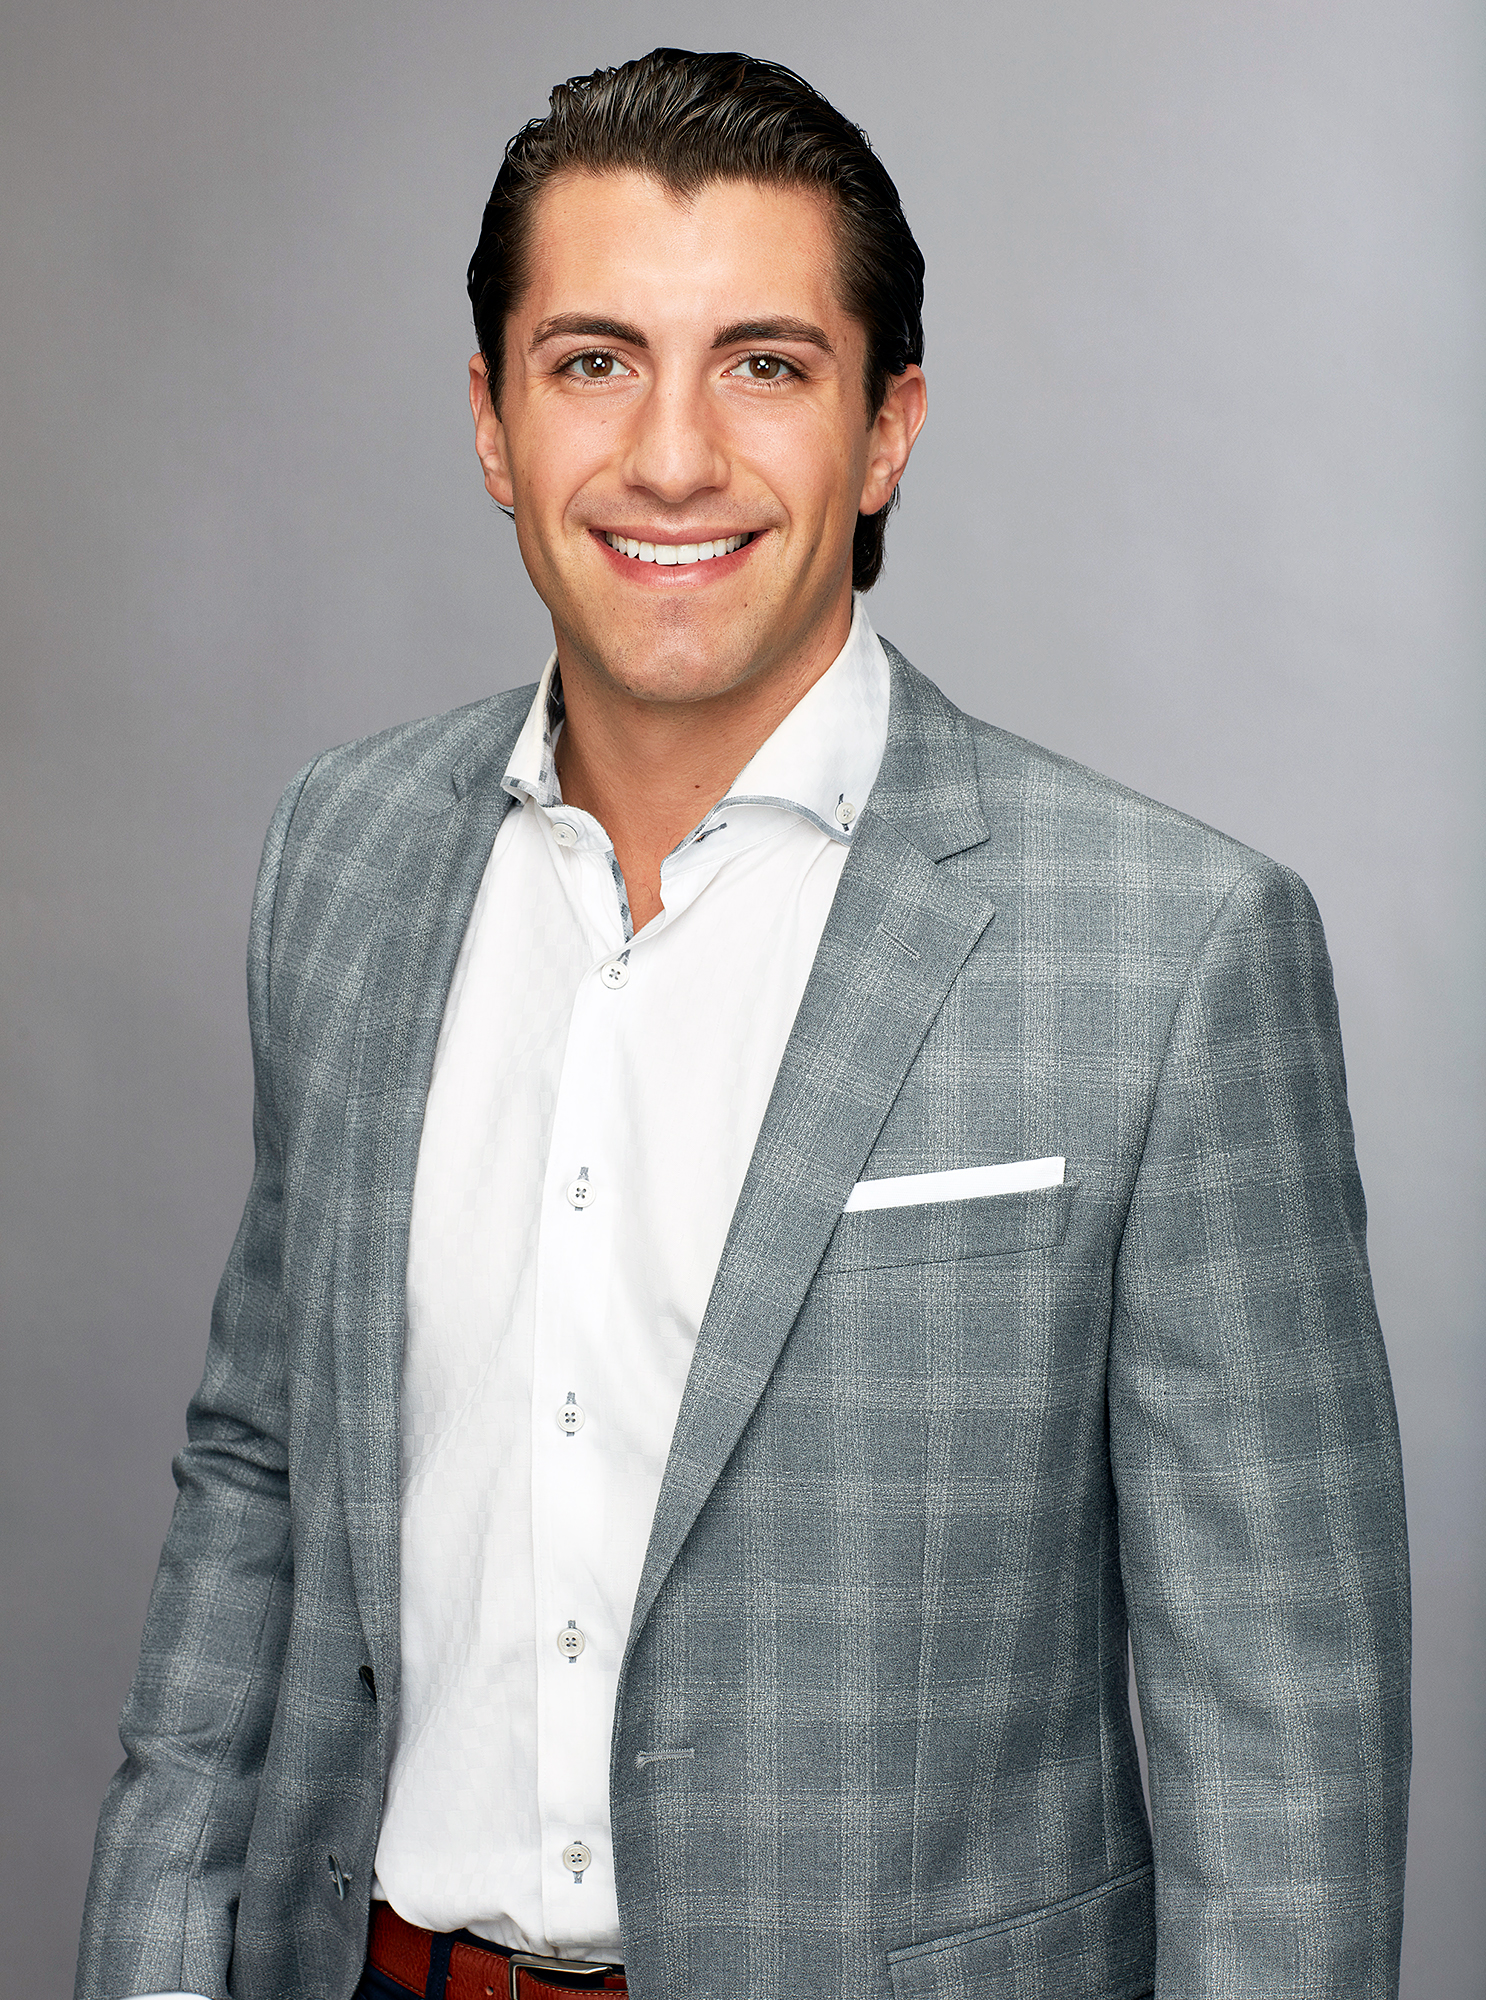 Jason The Bachelorette